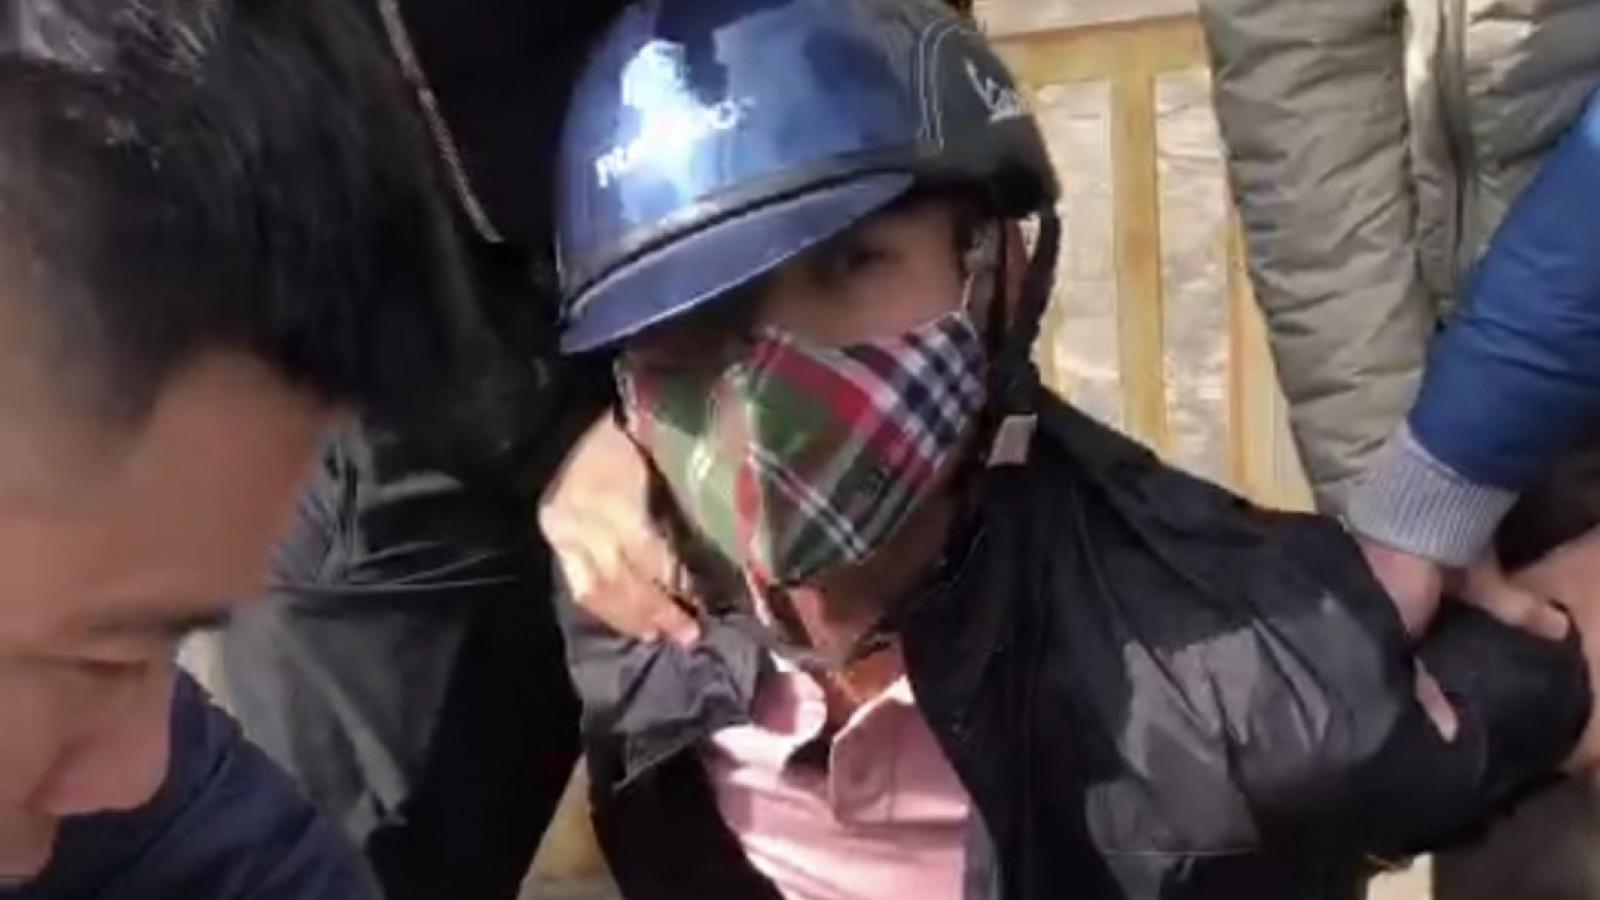 Phát hiện súng, đạn tại nhà đối tượng ở Quảng Ninh